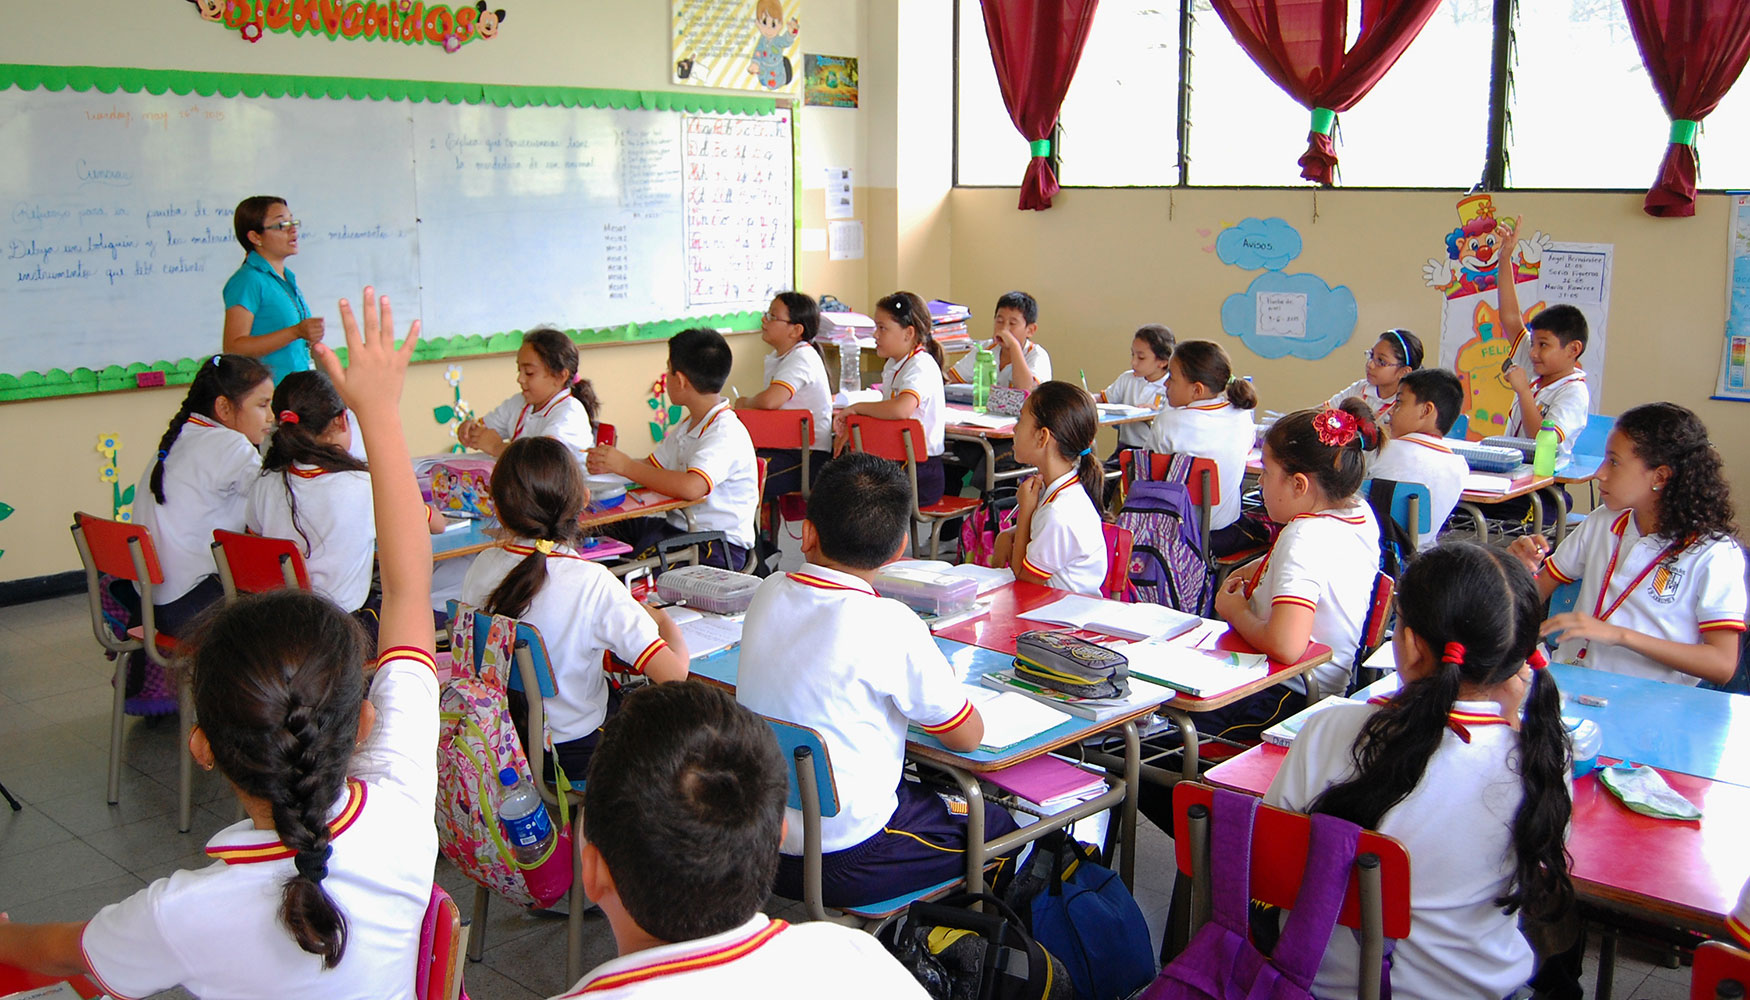 Suspenden reinicio de clases presenciales en El Salvador por Covid-19 San Salvador. Prensa Latina